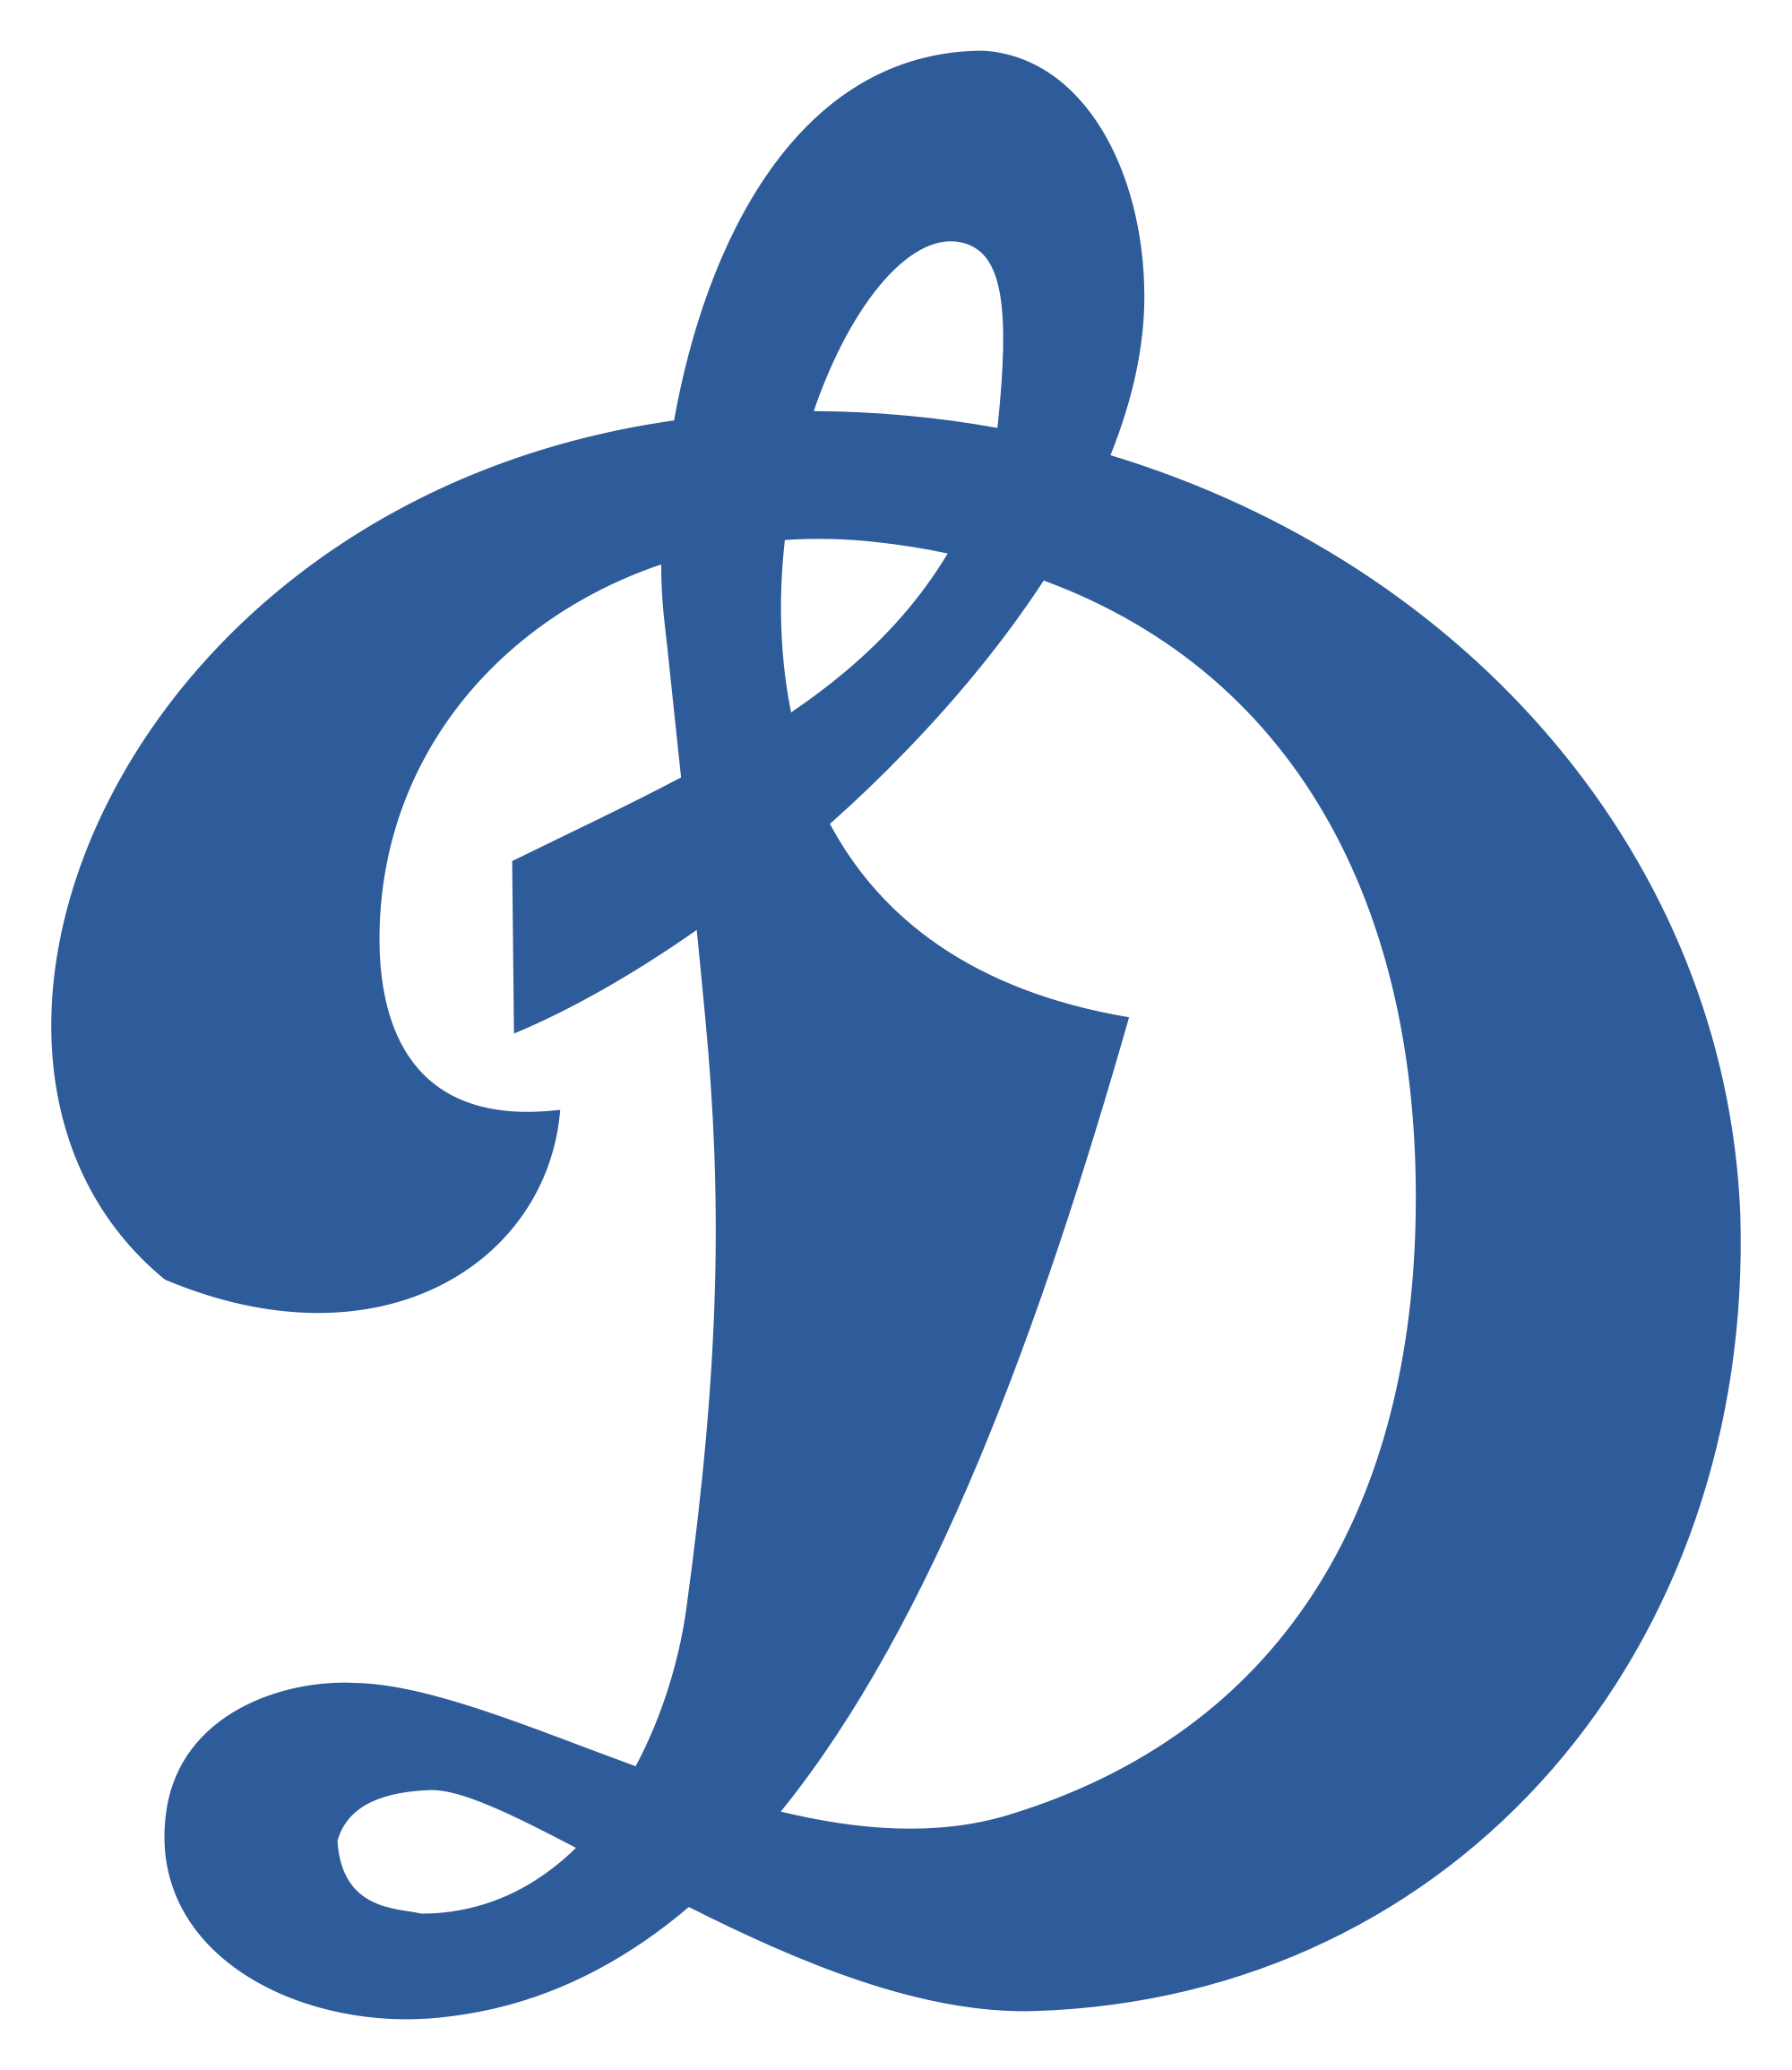 лого динамо: